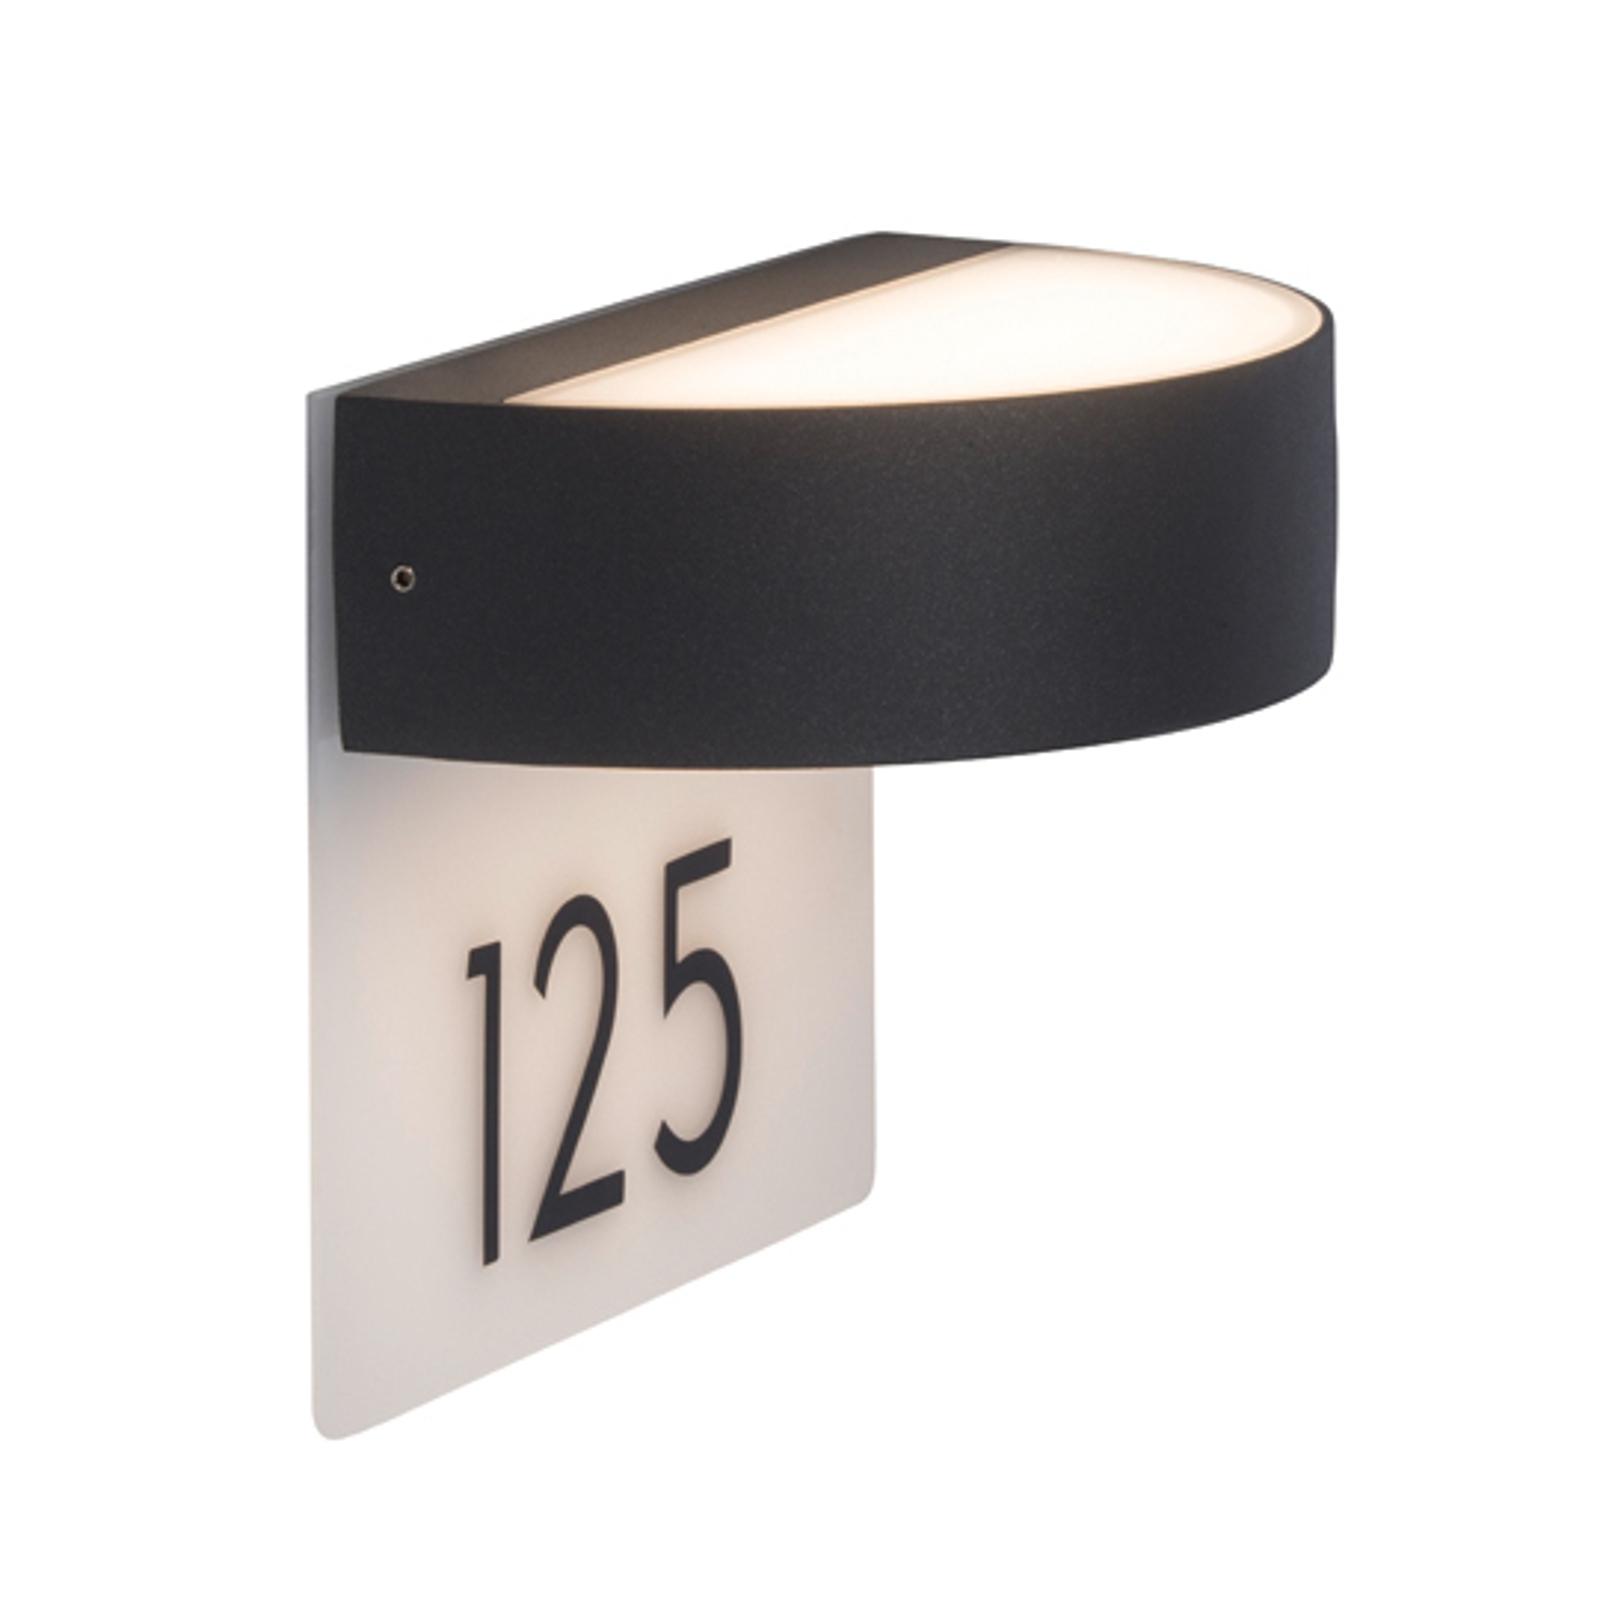 Elegancki numer domu podświetlany LED Monido